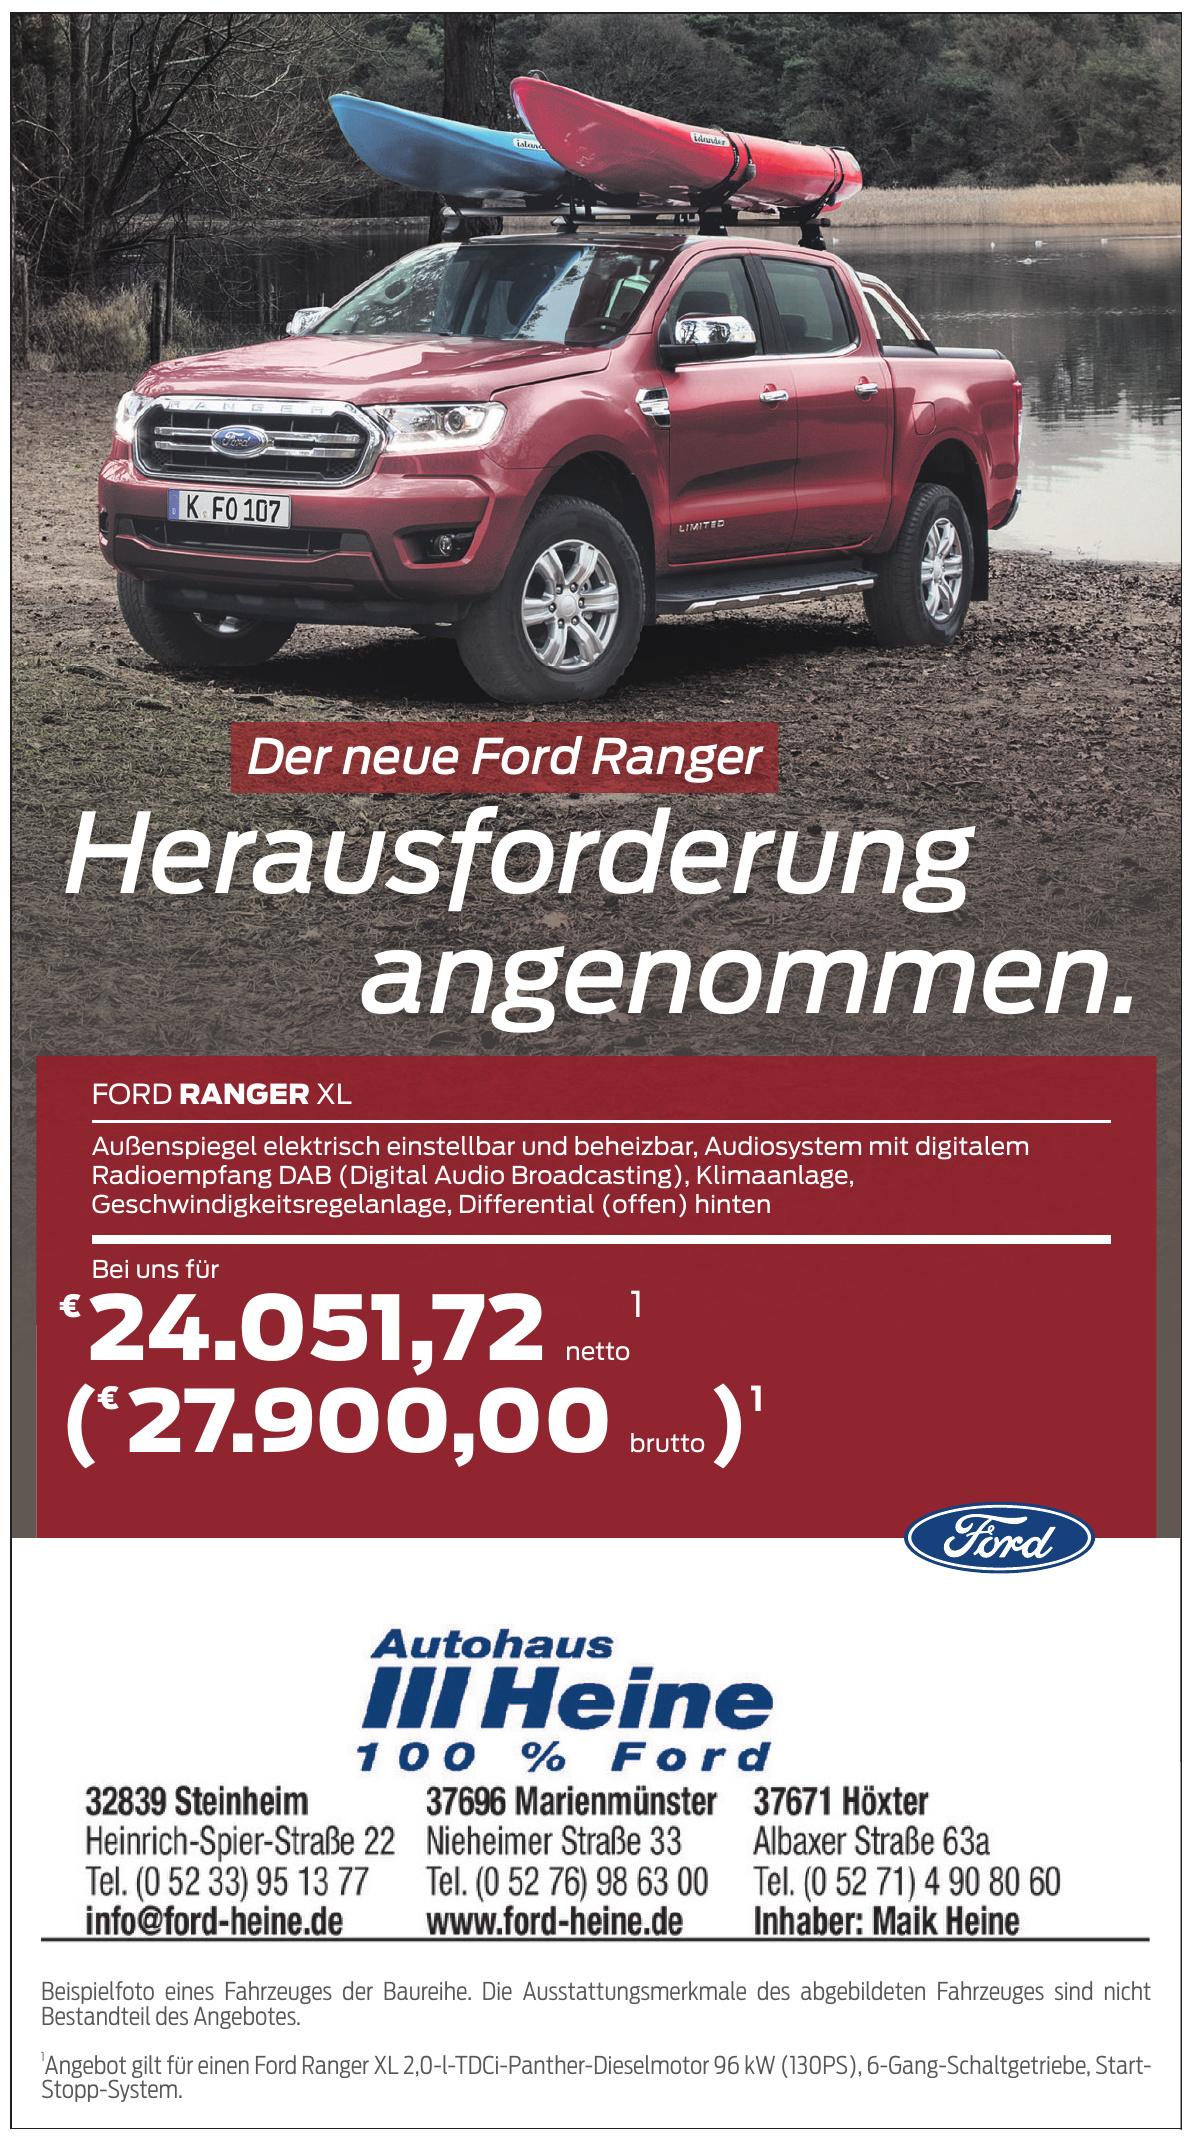 Autohaus Heine